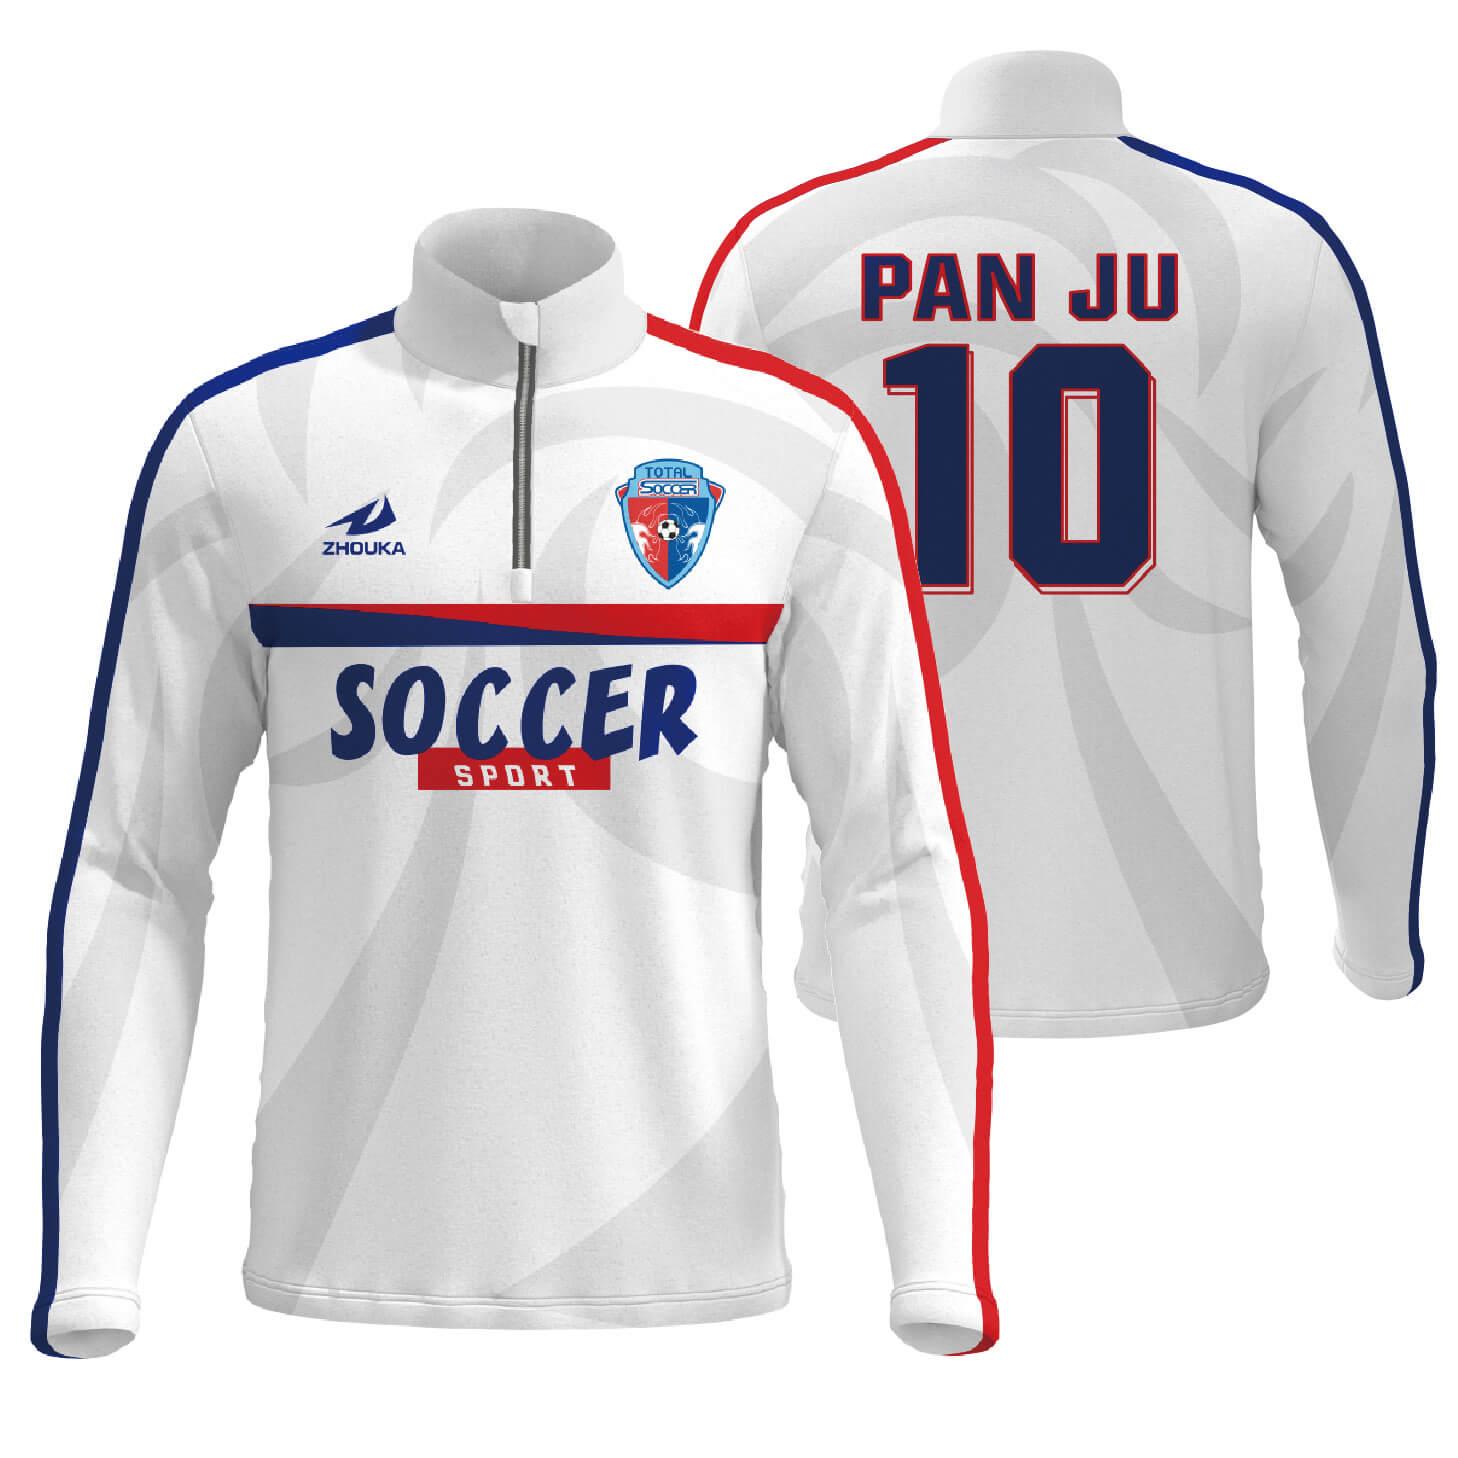 拉链独特足球俱乐部团队训练运动服